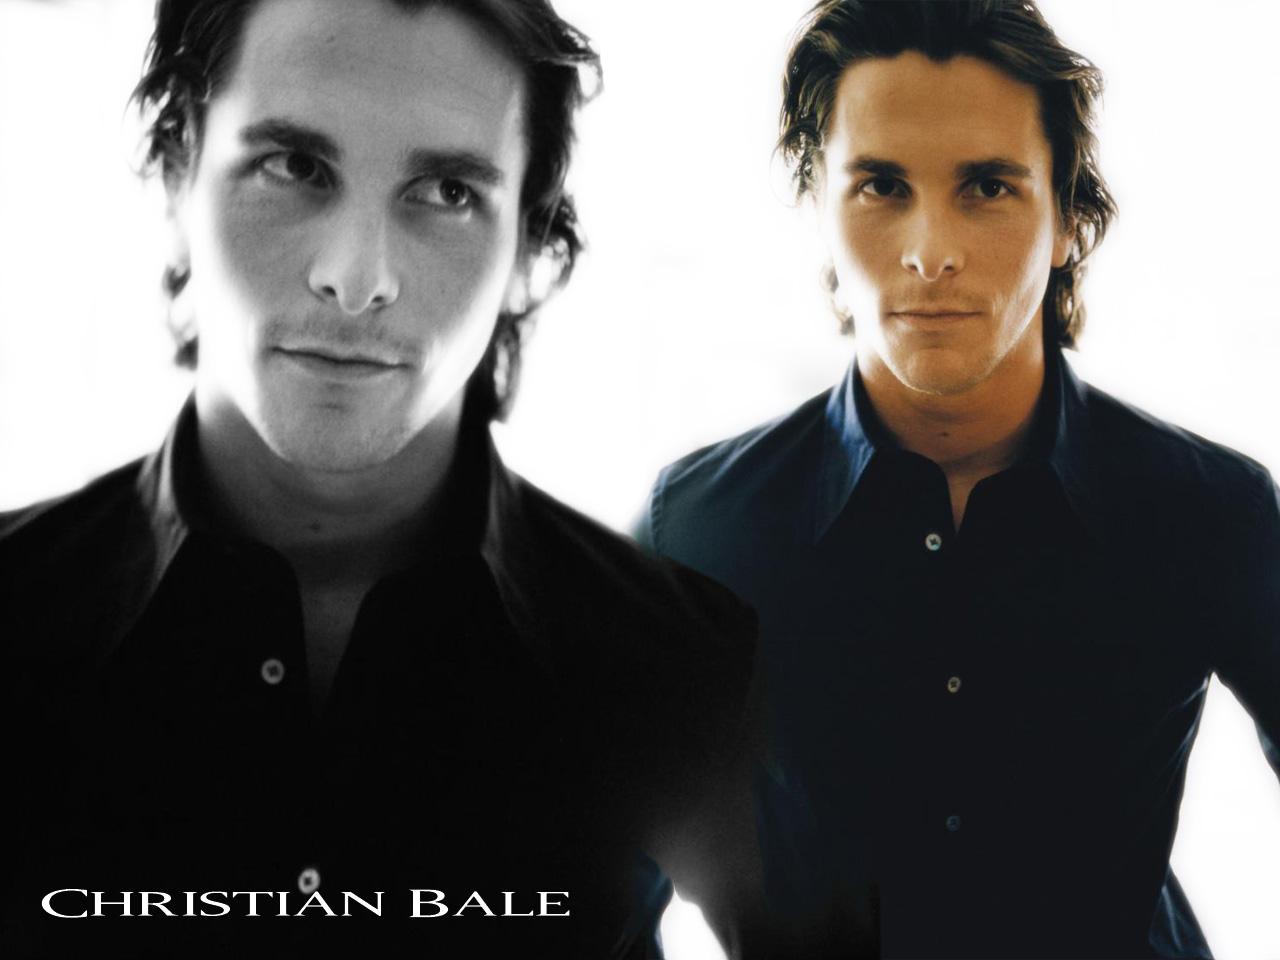 http://2.bp.blogspot.com/_-rMmbAJ2Pd8/TEXjNajJU9I/AAAAAAAAAZw/8KxKY8pB3N8/s1600/Christian_Bale-8.jpg